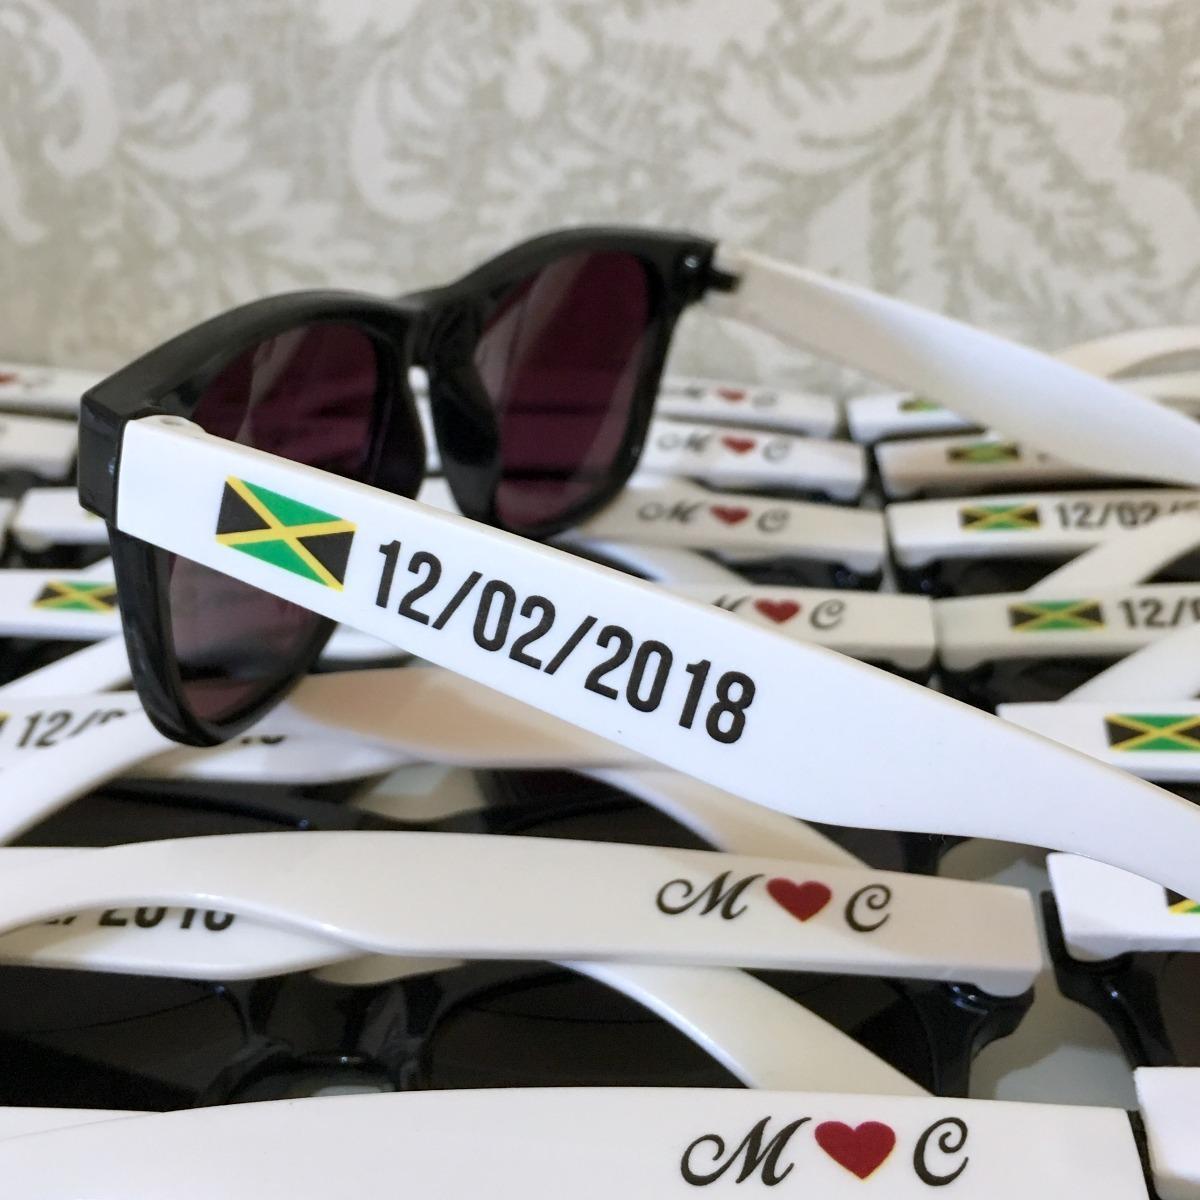 d31ea1731b528 20 óculos personalizados bicolor festa brinde wayfarer. Carregando zoom.